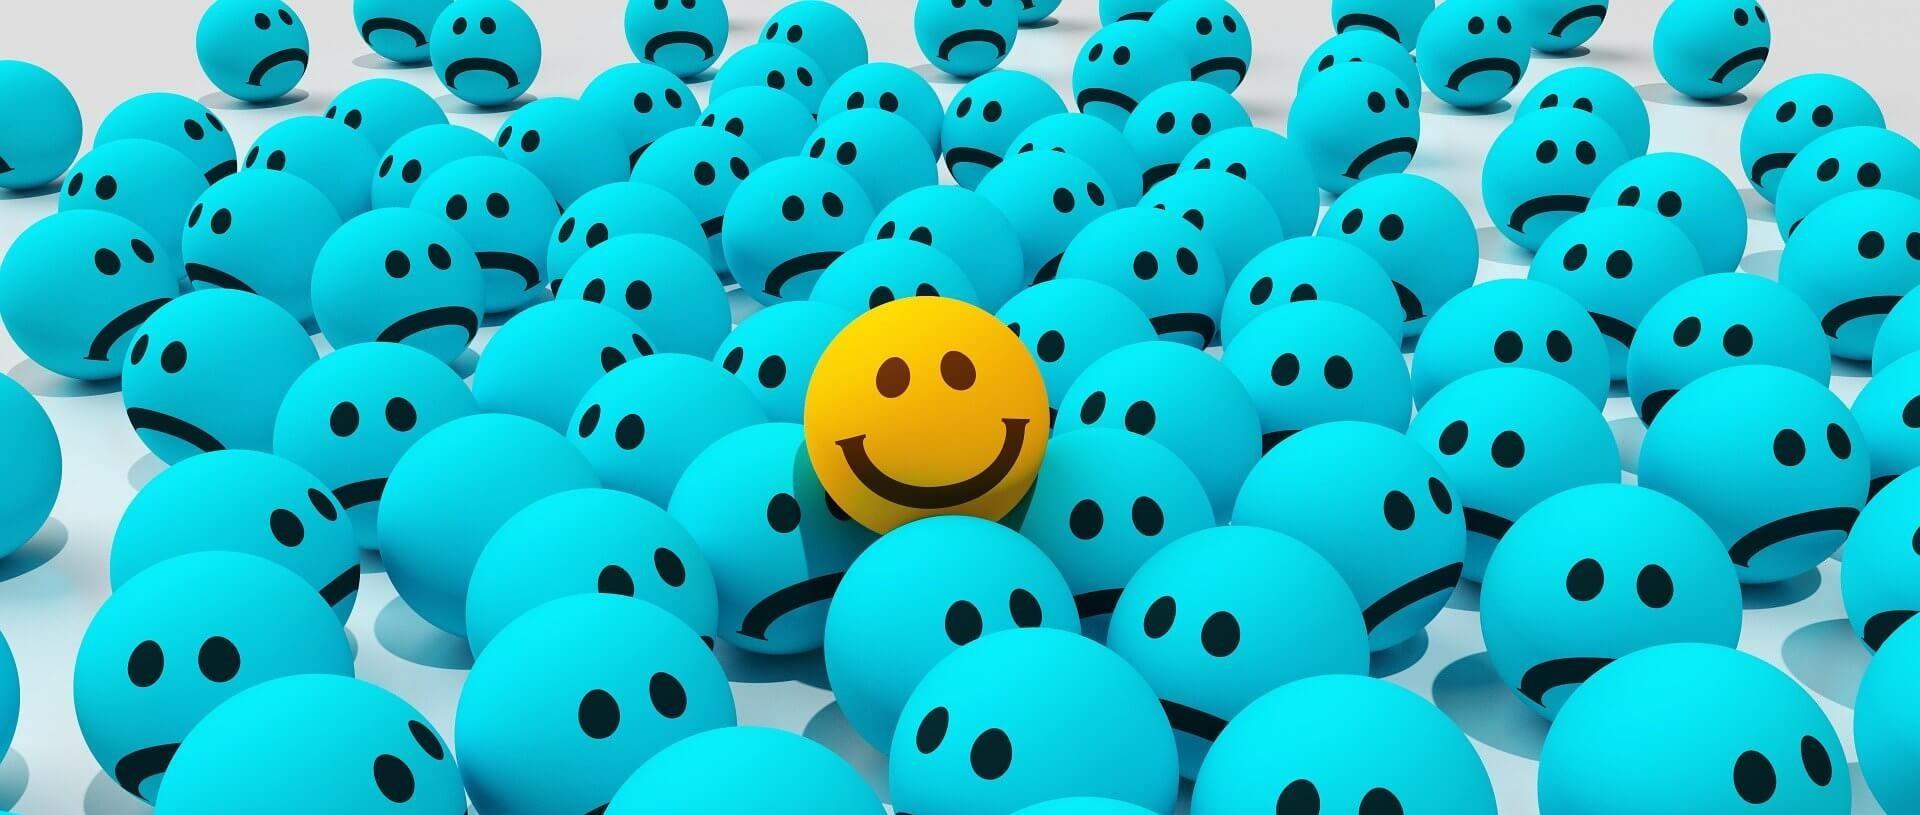 Emoji mogą zwiększać współczynnik konwersji